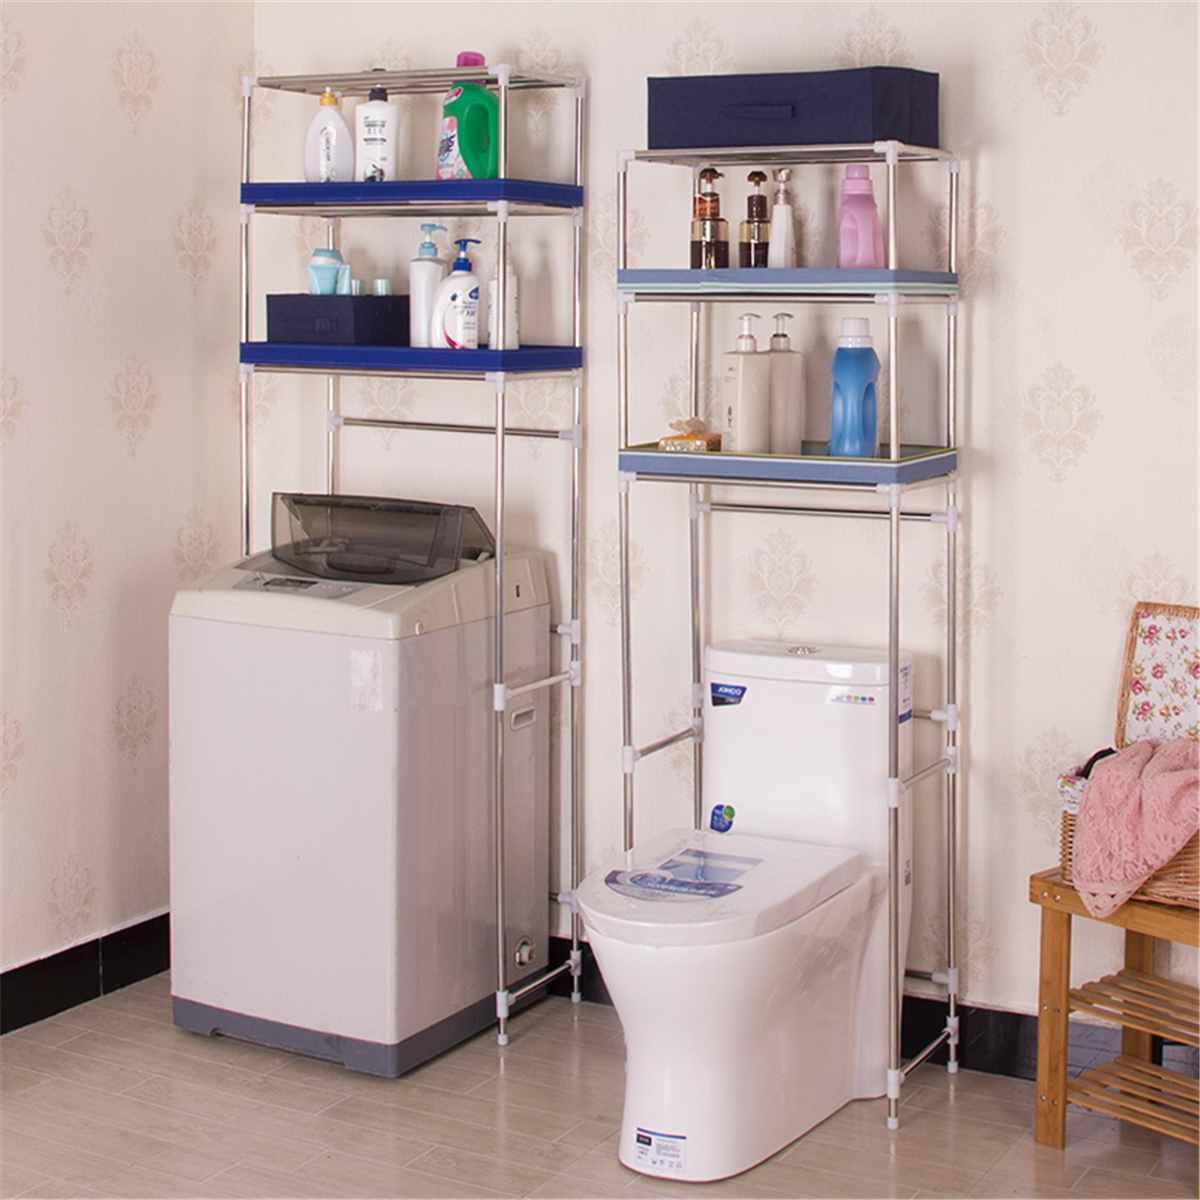 Support en acier inoxydable salle de bain toilette armoire de rangement rayonnage cuisine Machine à laver support espace économiser étagère support organisateur